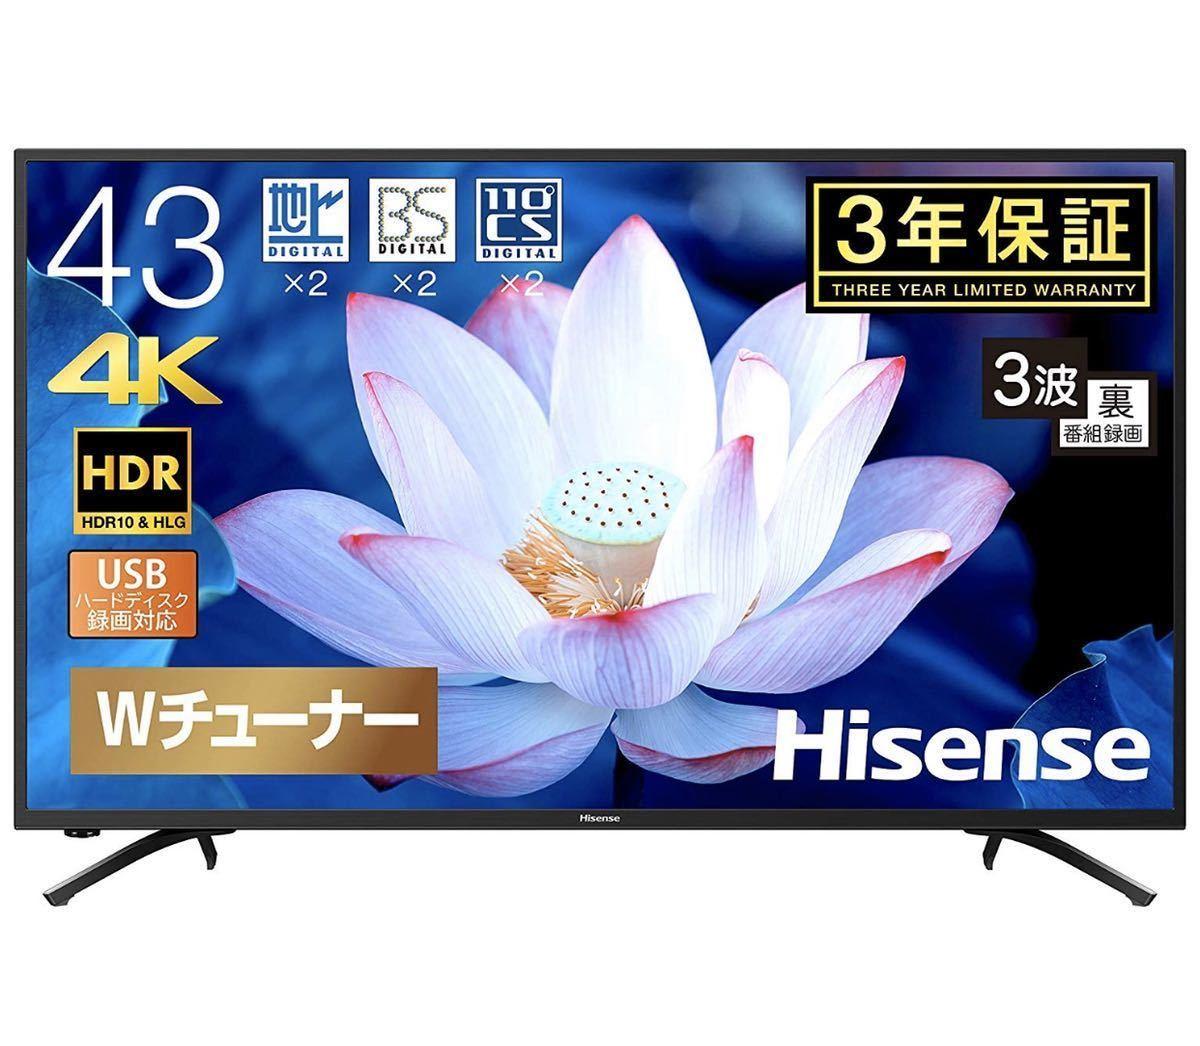 【新品未使用】ハイセンス 43V型 43F68E 4K対応液晶テレビ 外付けHDD録画対応 2019年モデル